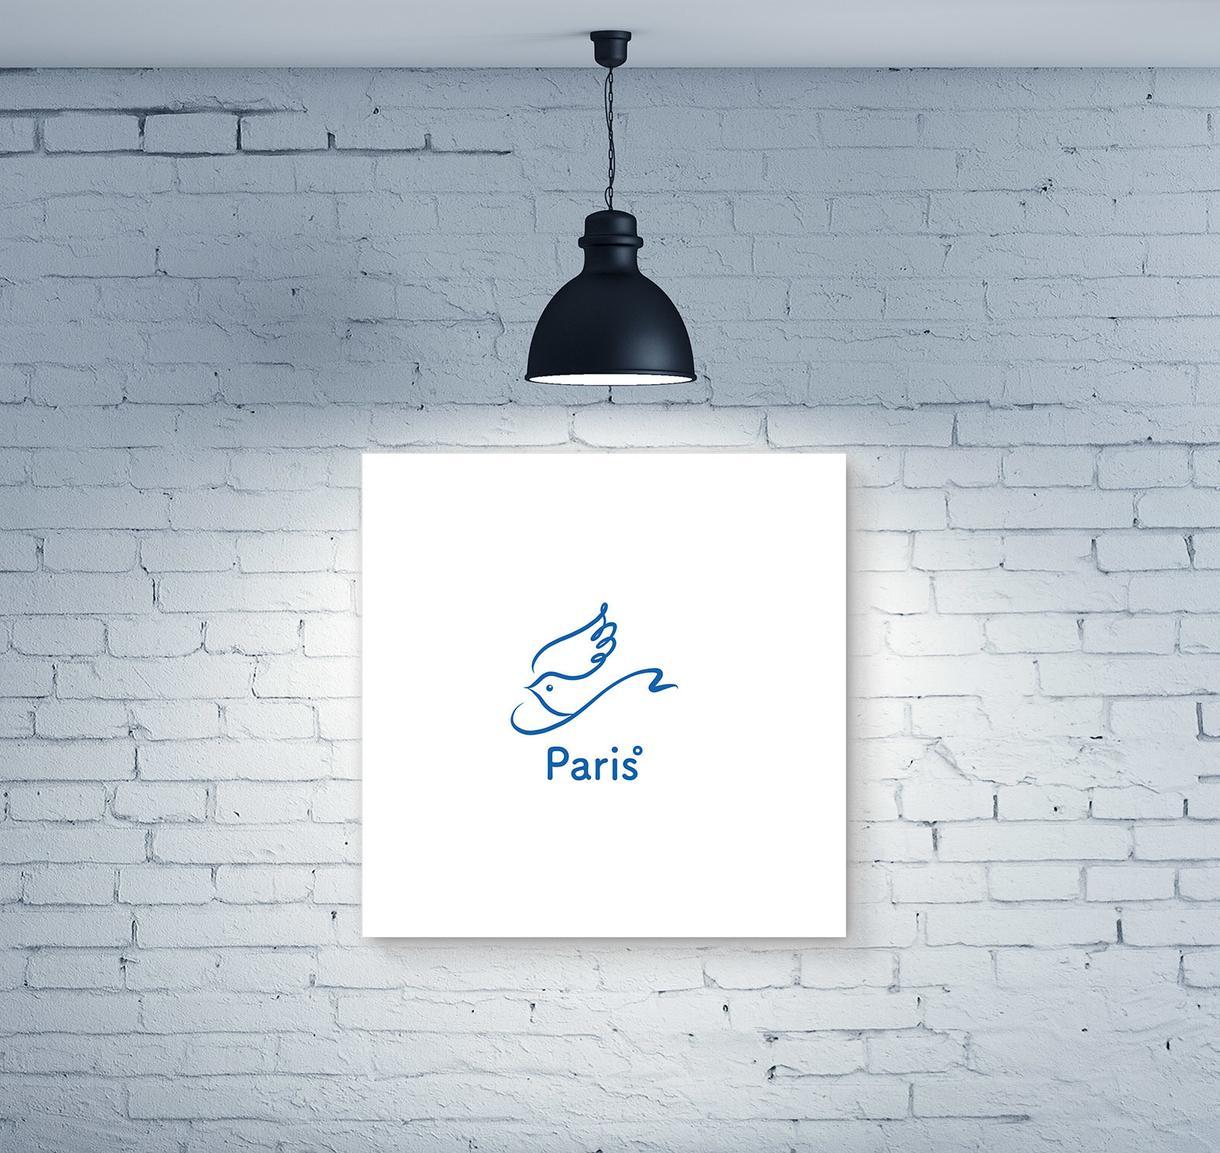 ブランディングデザイナーが高品質なロゴを作成します ロゴと一緒にブランドコンセプトも考えます。 イメージ1